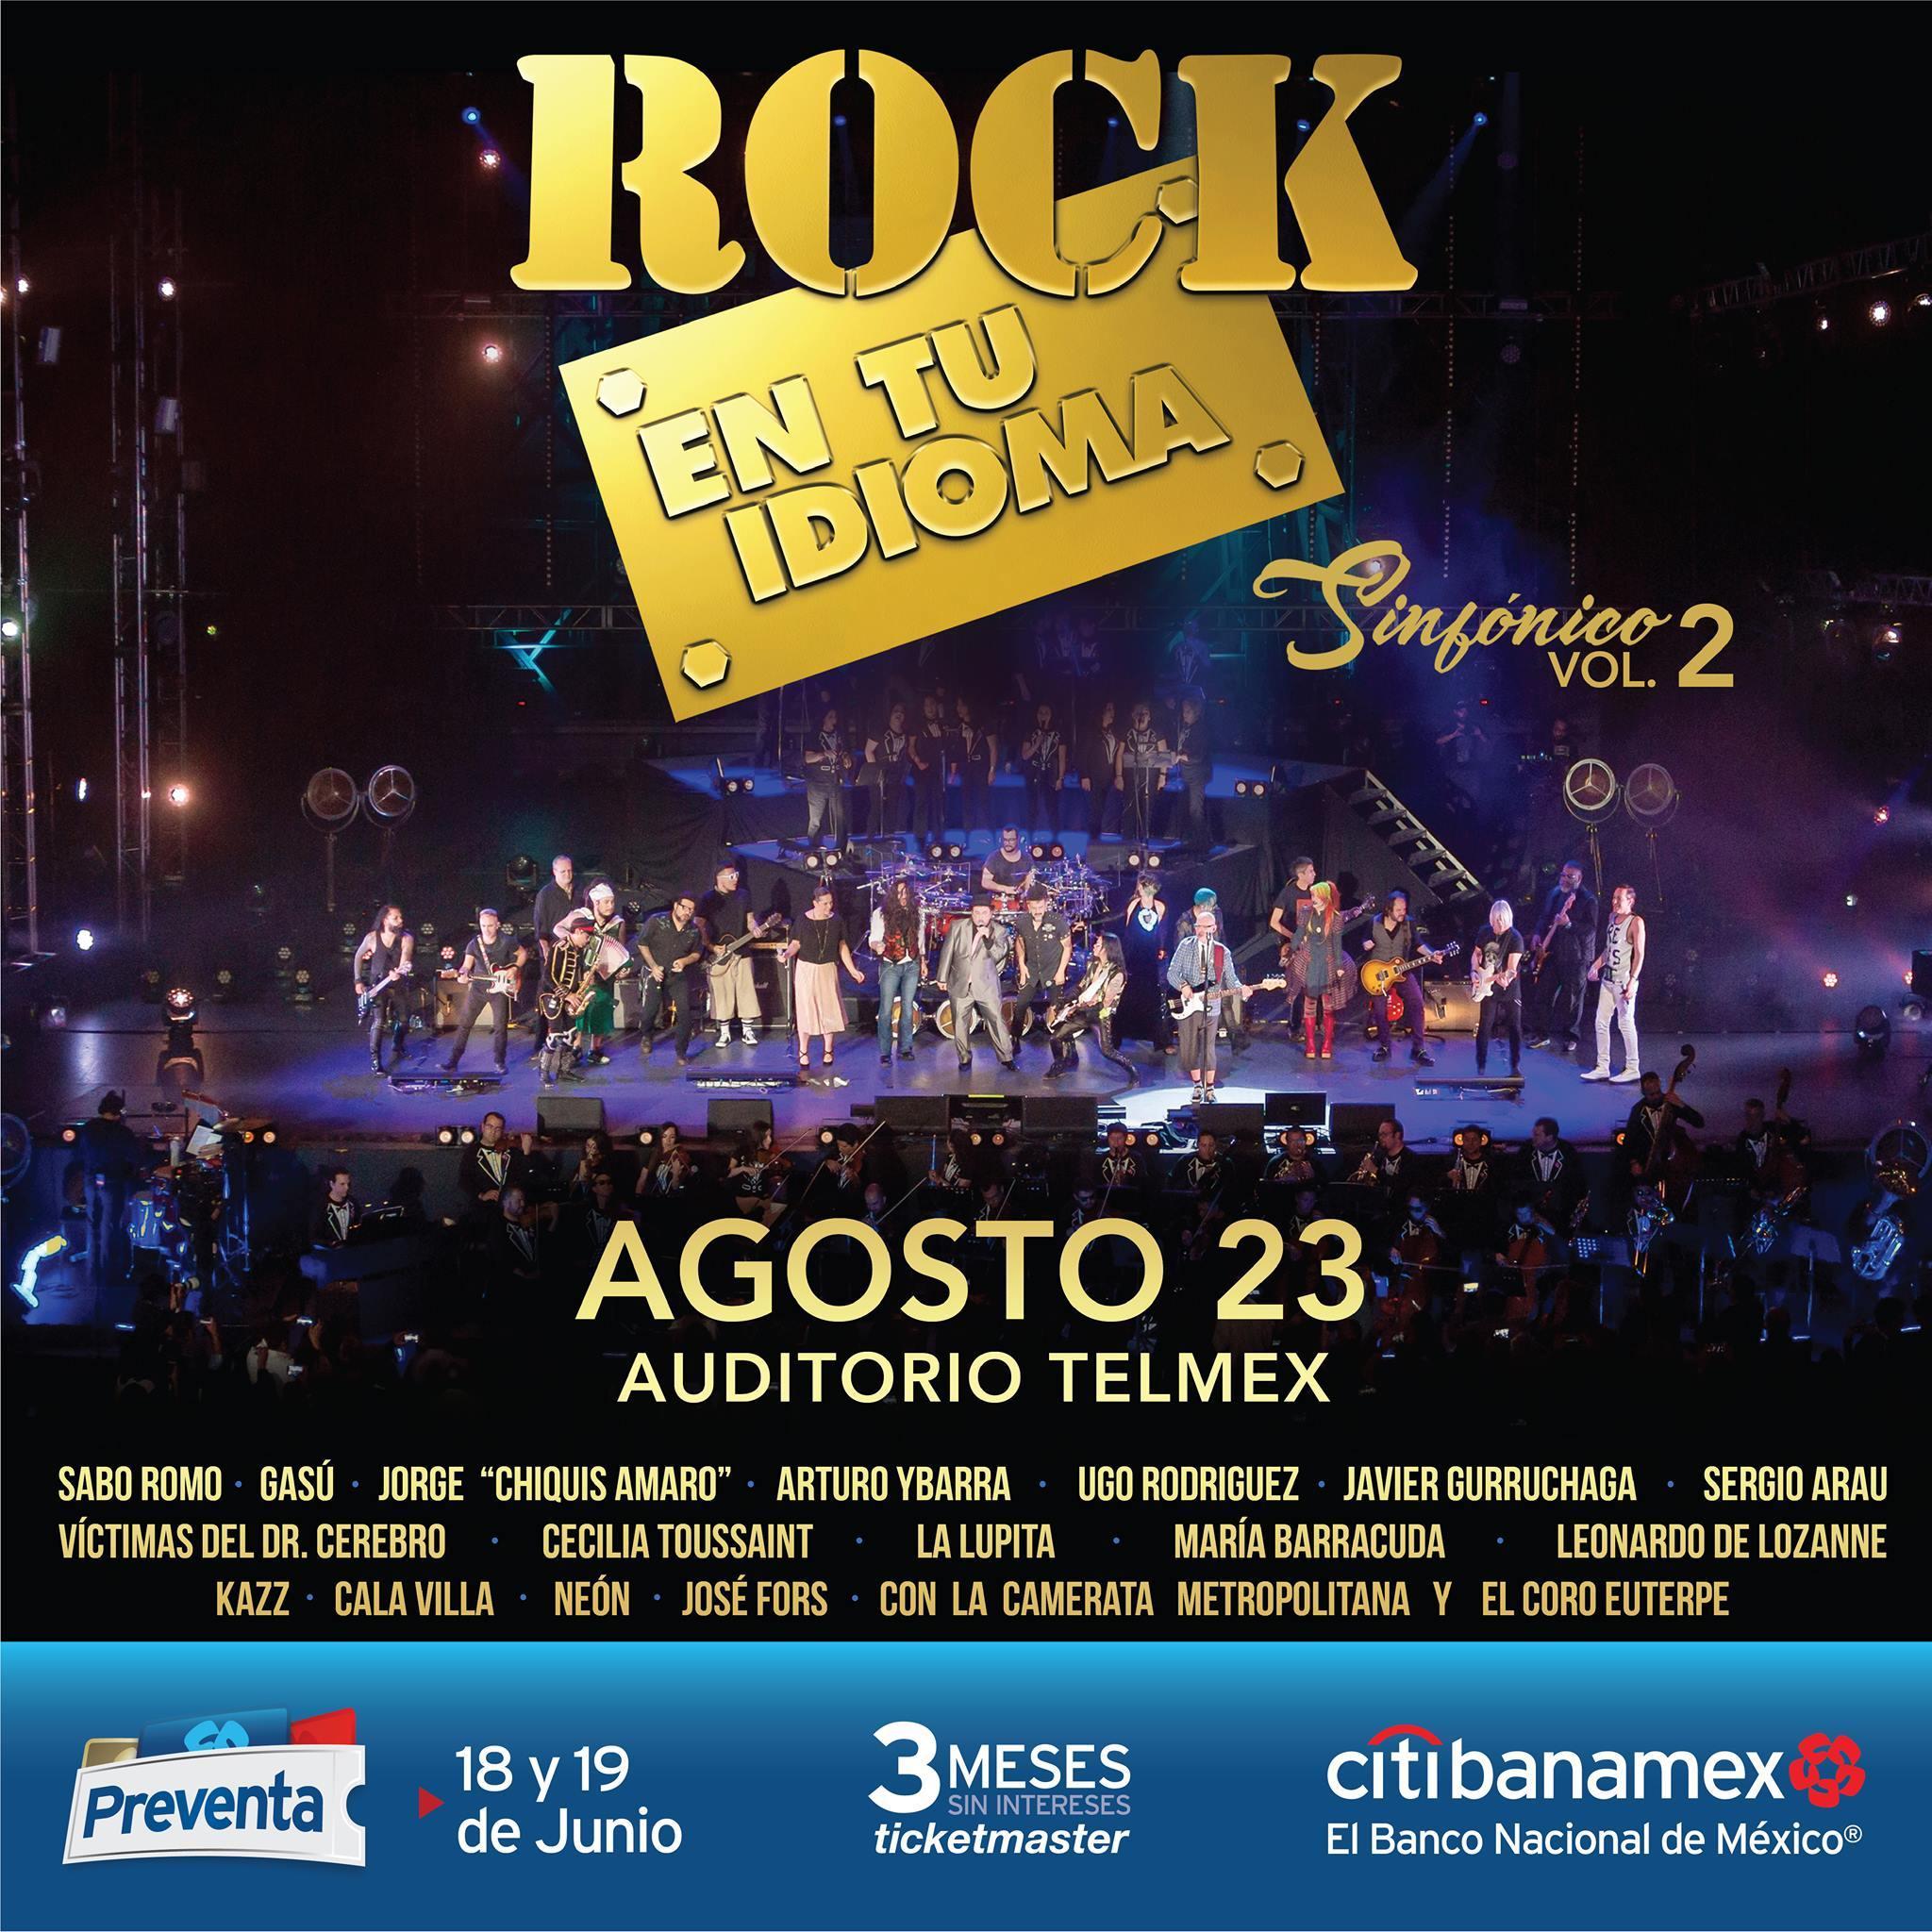 Rock en Tu Idioma Sinfónico Vol. 2 - 23 de Agosto @ Auditorio Telmex